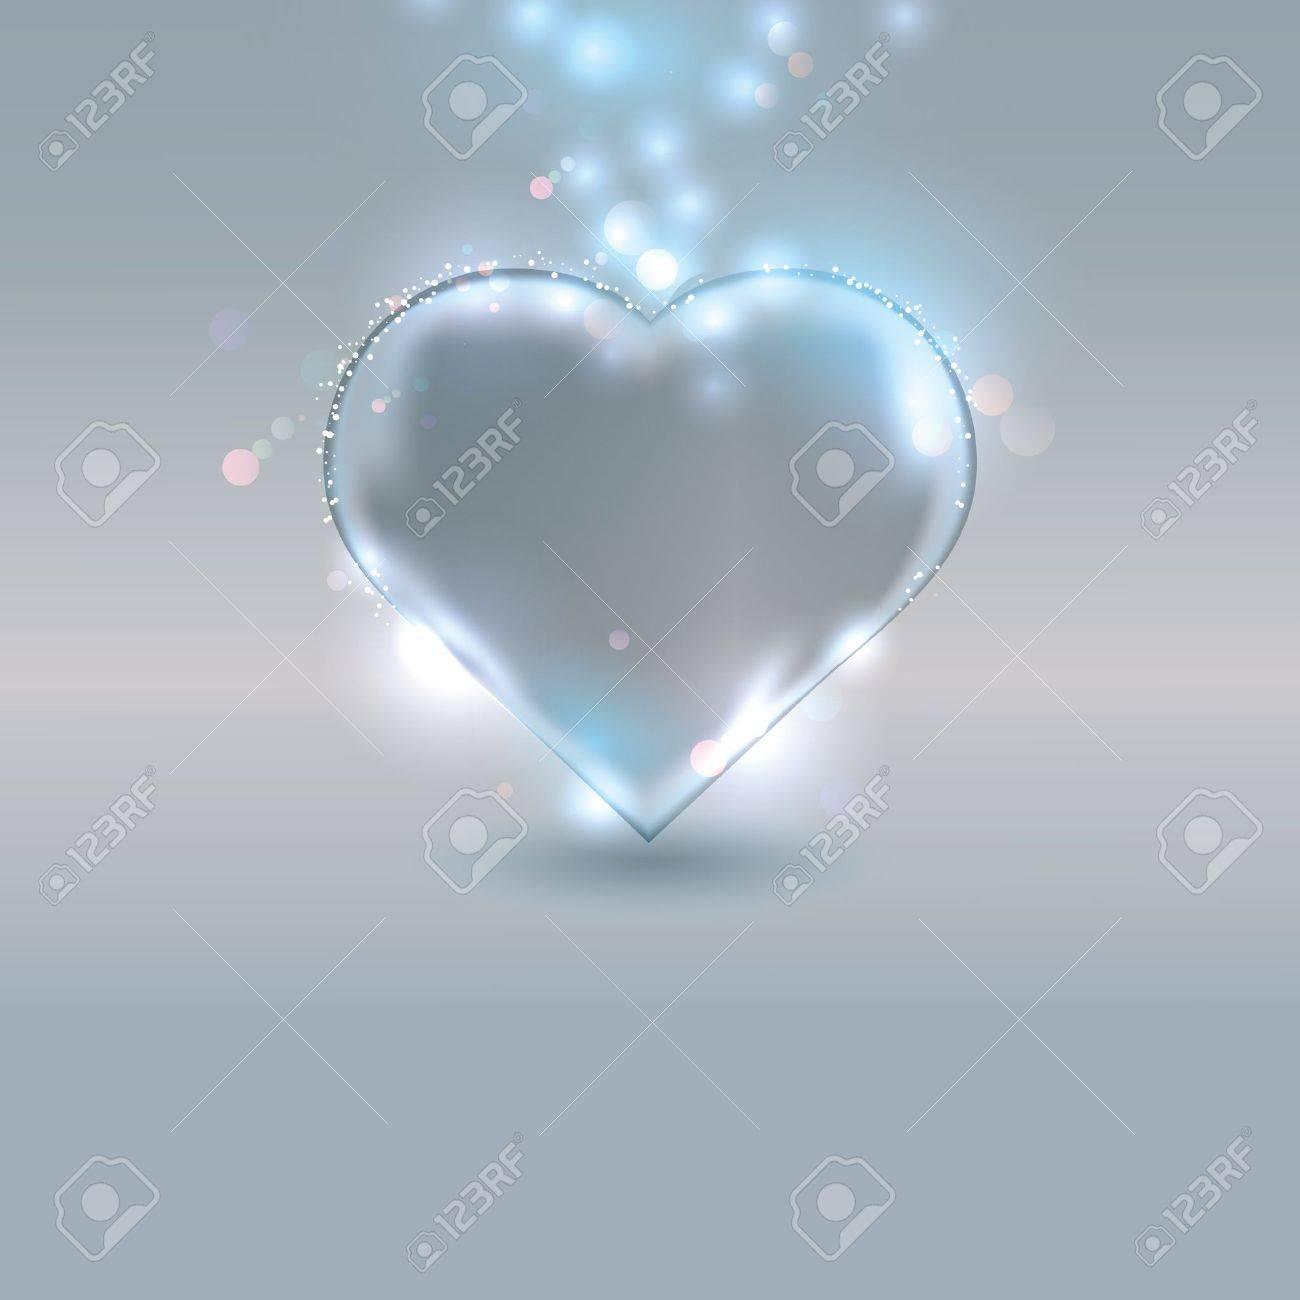 Trendig Herz Aus Glas Auf Silbernem Hintergrund. Lizenzfrei Nutzbare  RH57